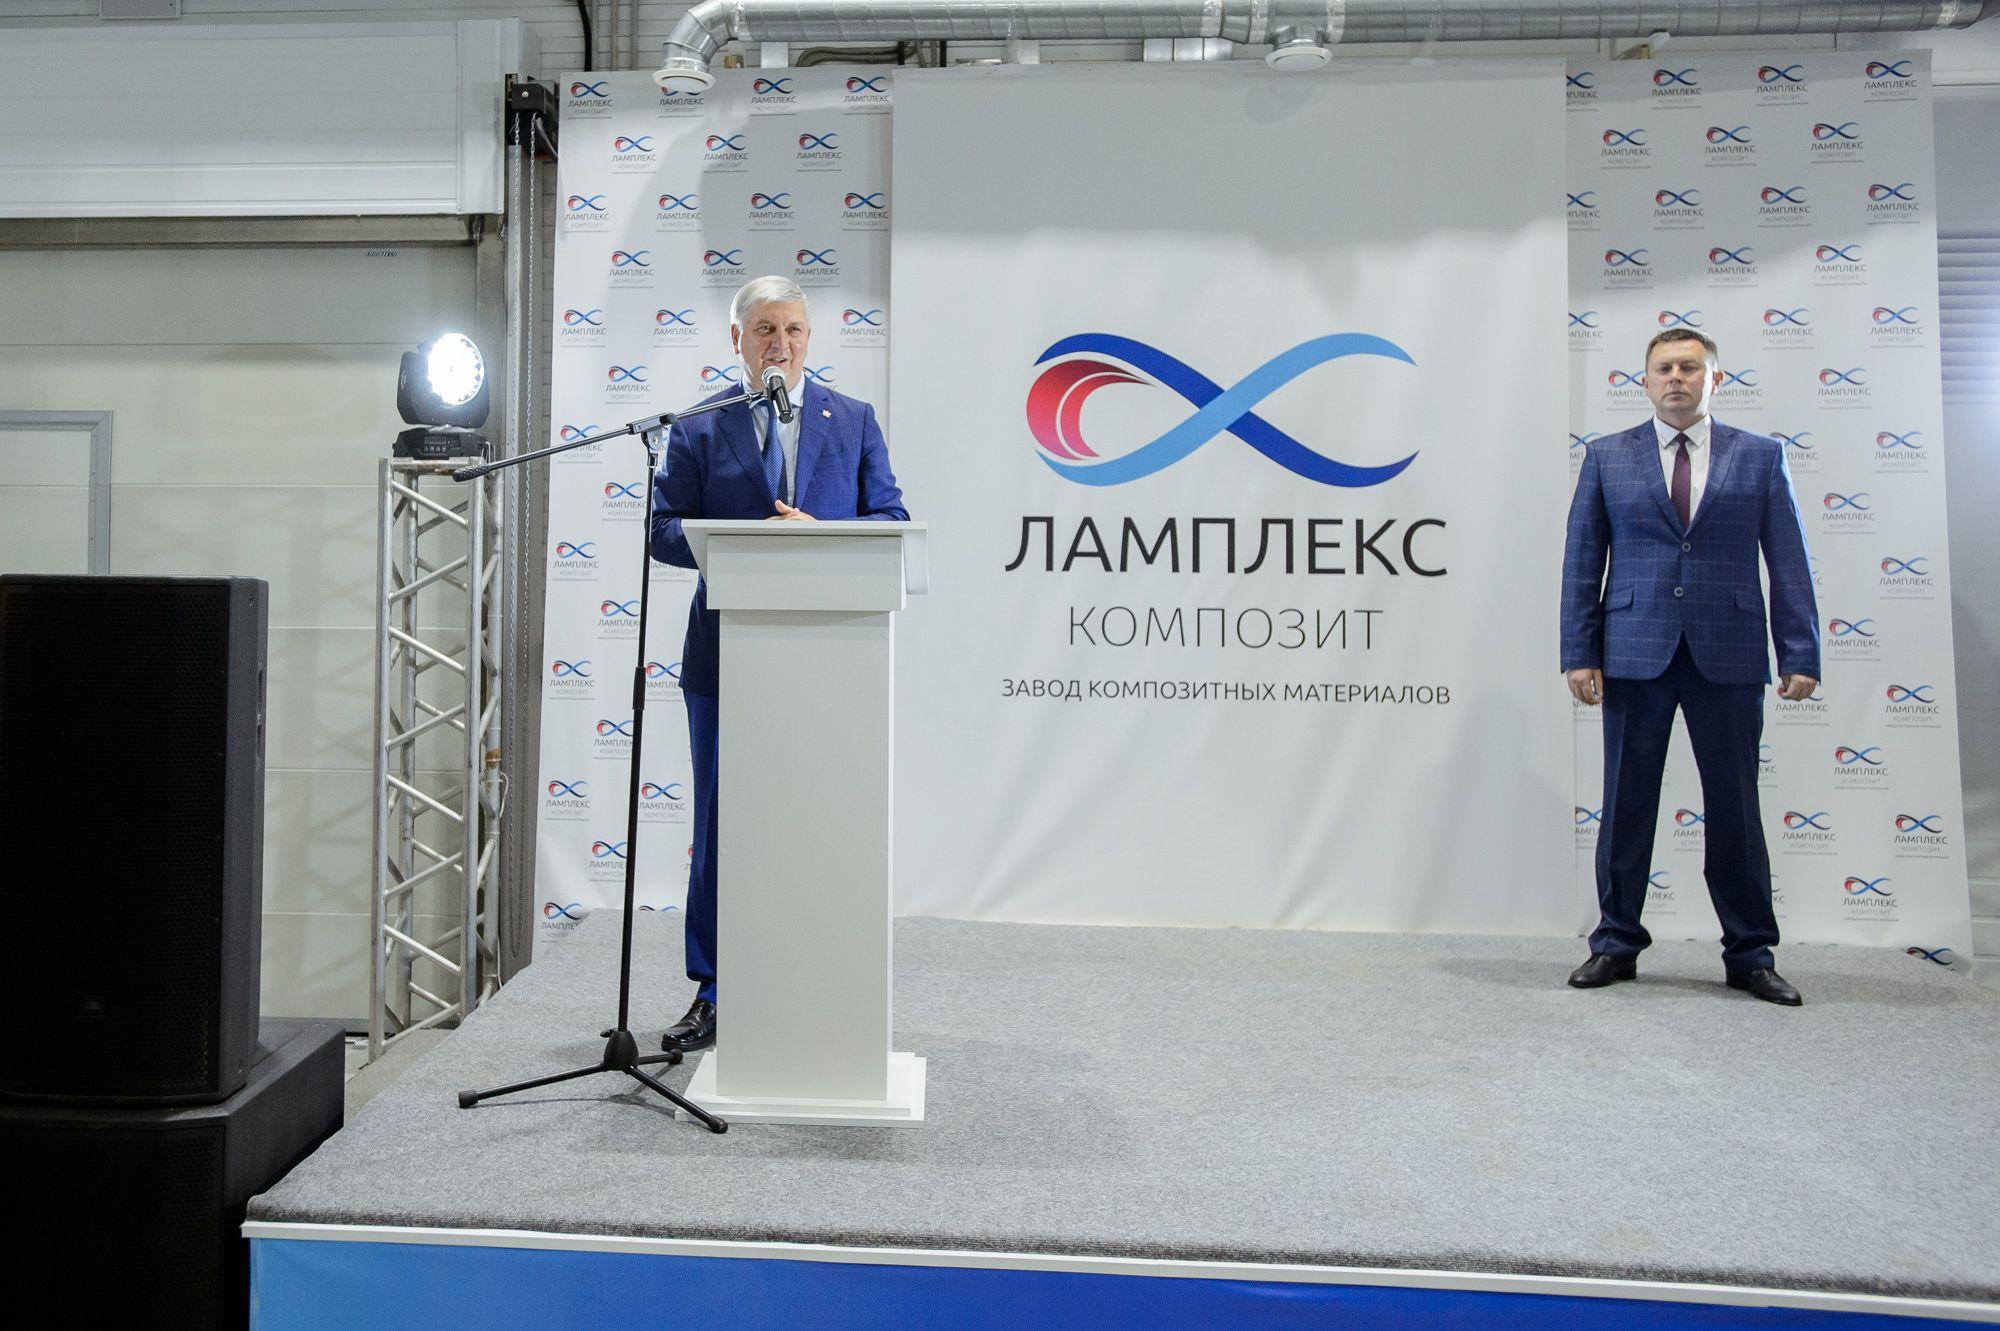 Воронежский губернатор на открытии завода композитных материалов.